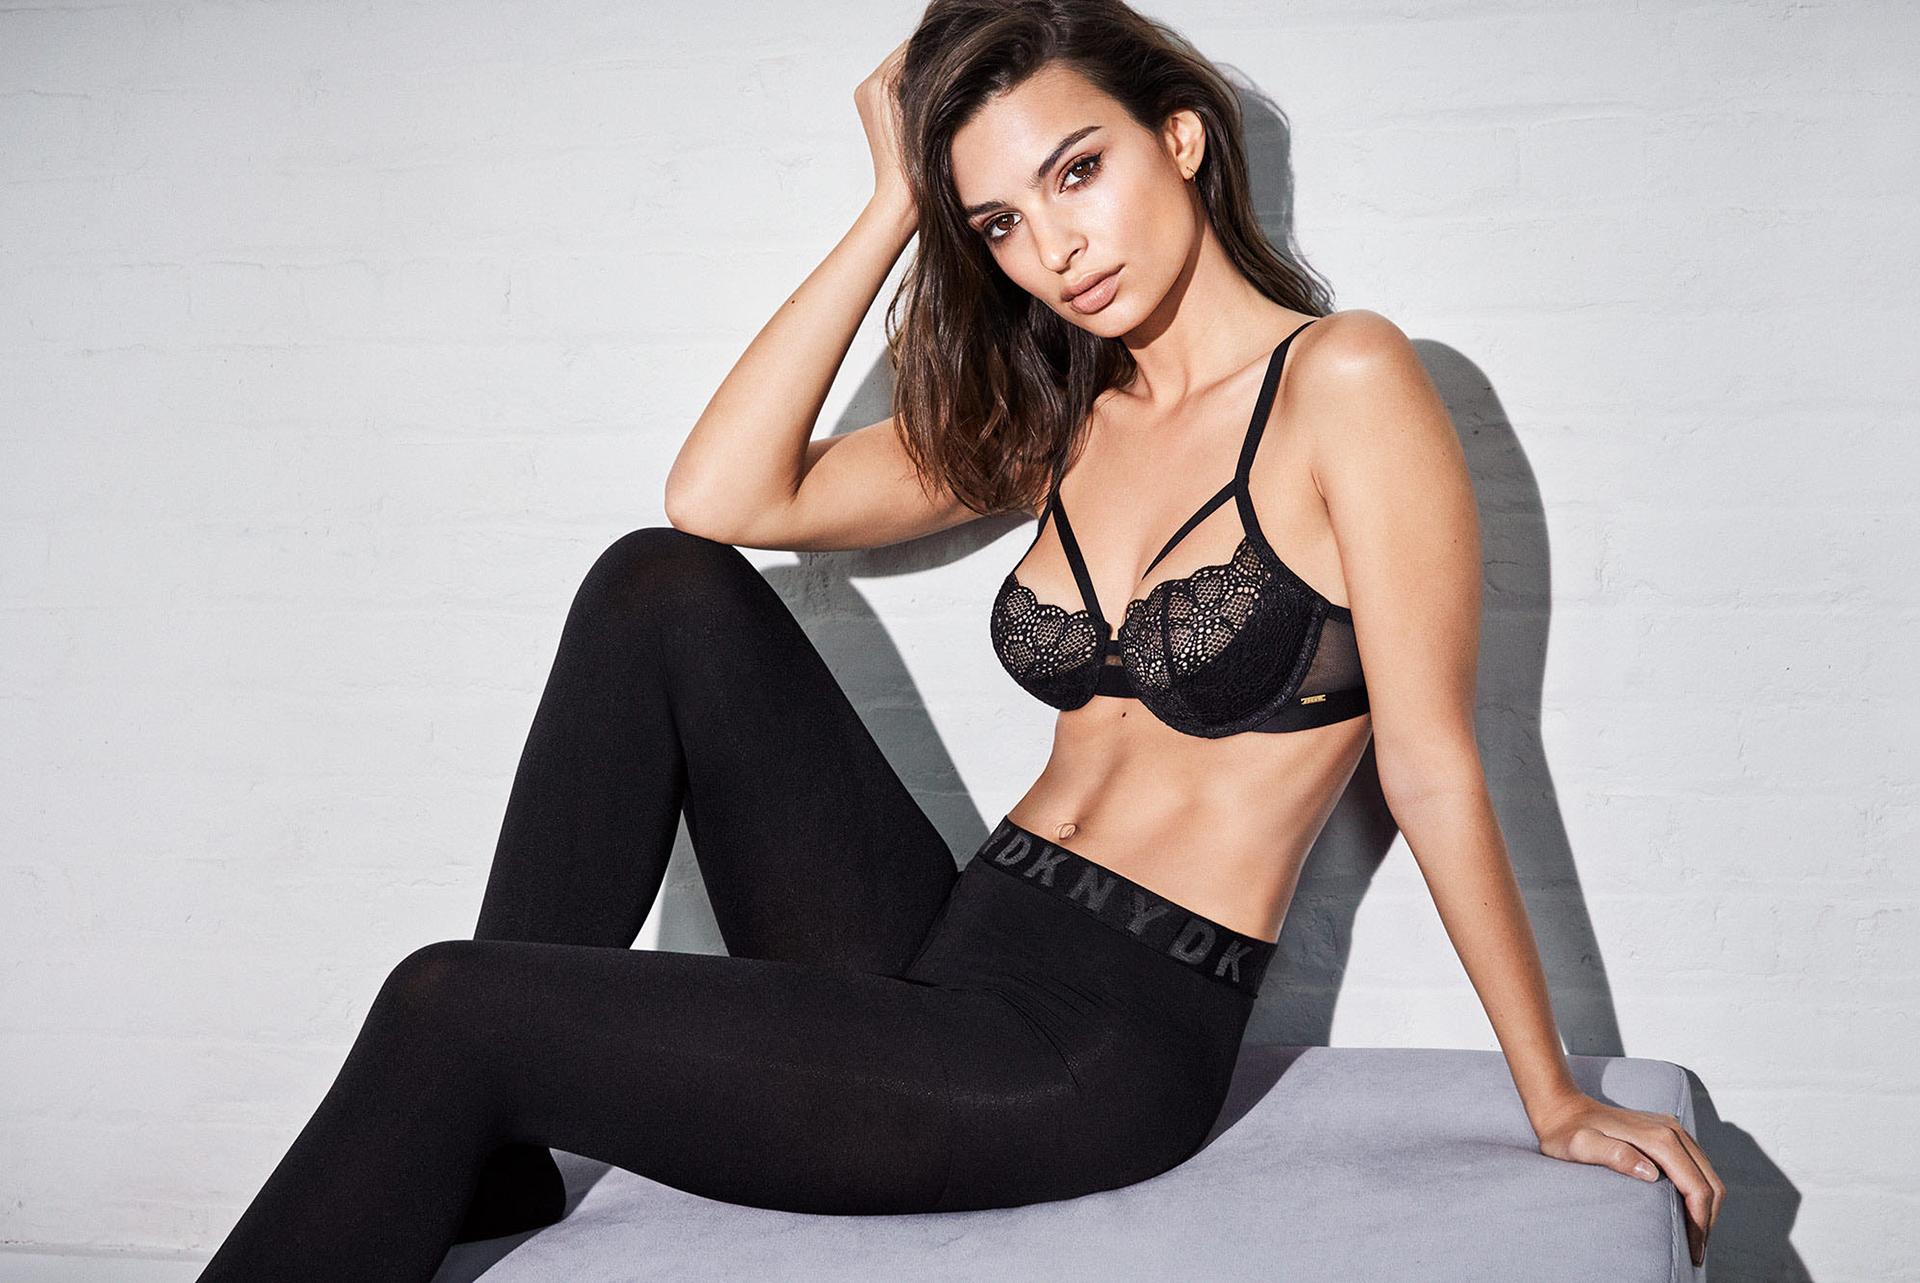 e8530bca8fc5 No solo hay lencería sexy, también calzas negras con elástico con las  iniciales de la